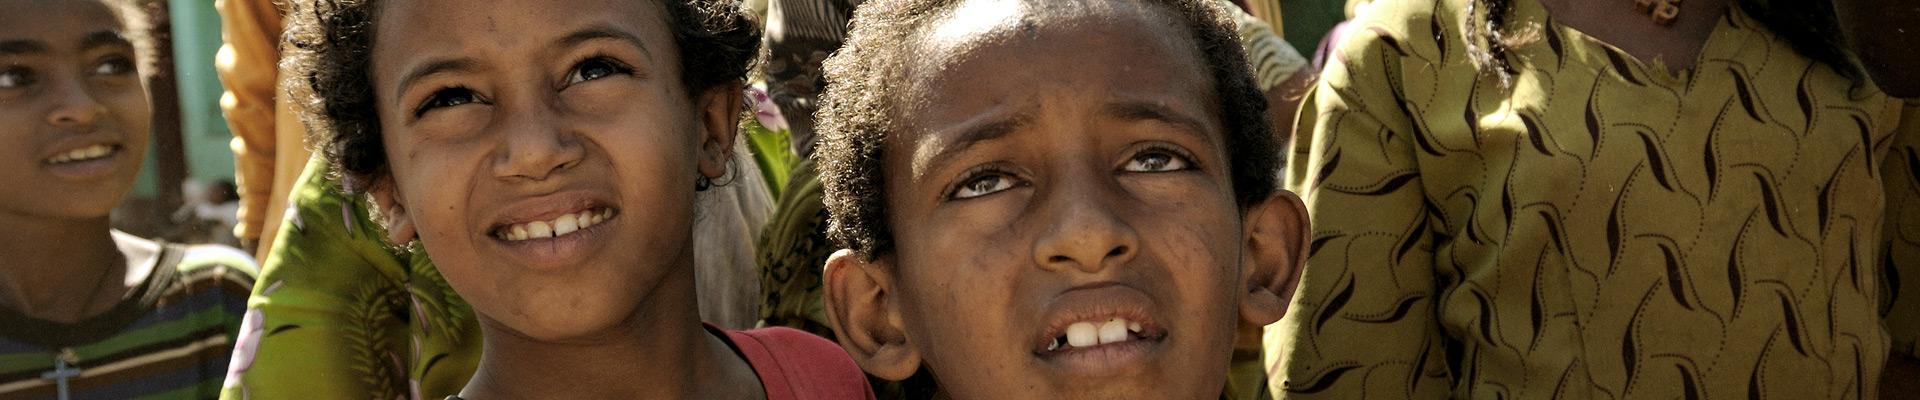 Top image enfants africains curieux